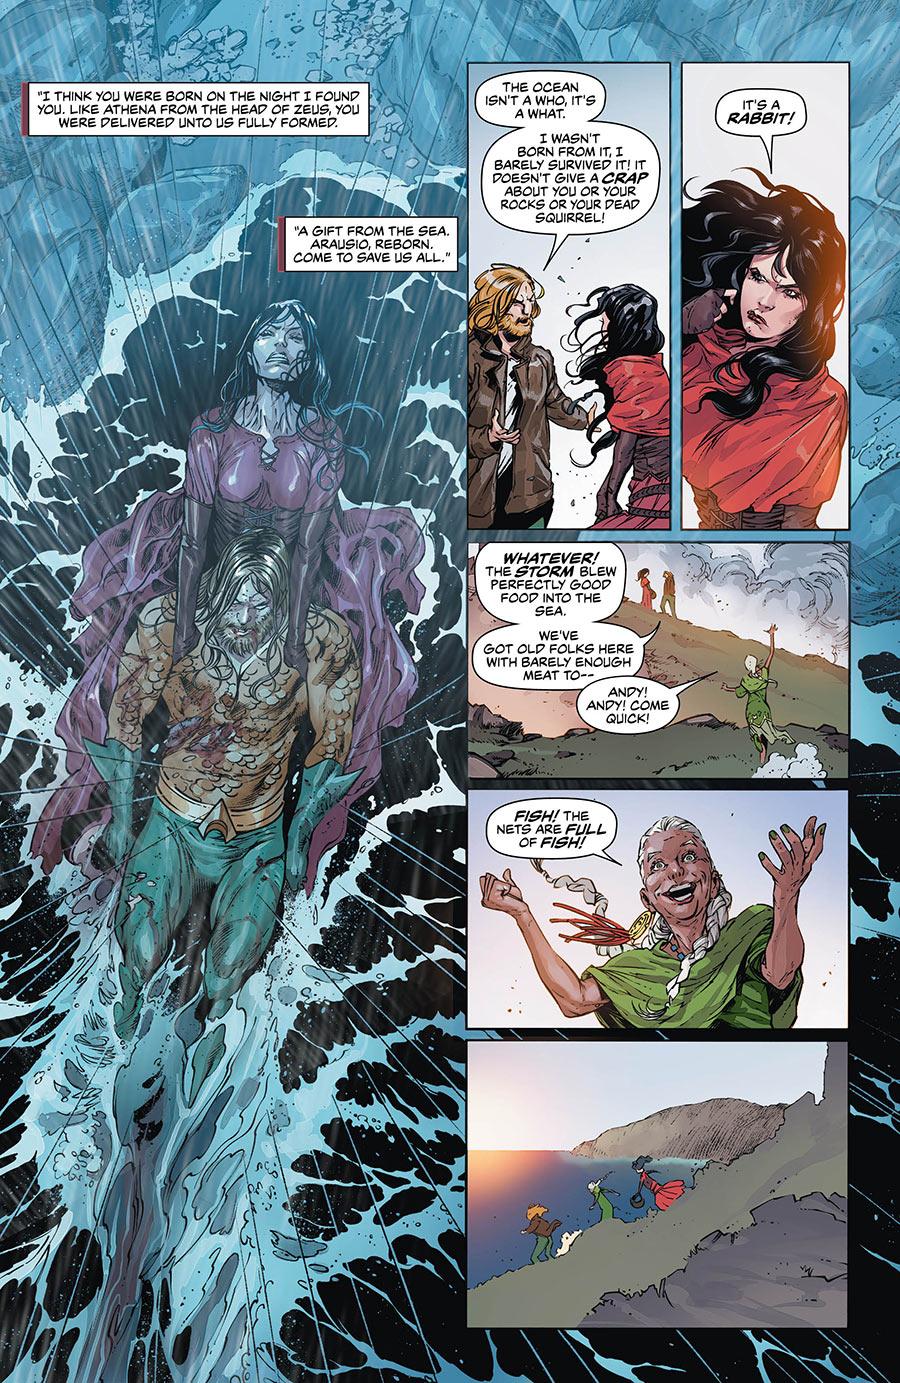 Aquaman 43_10 - DC Comics News